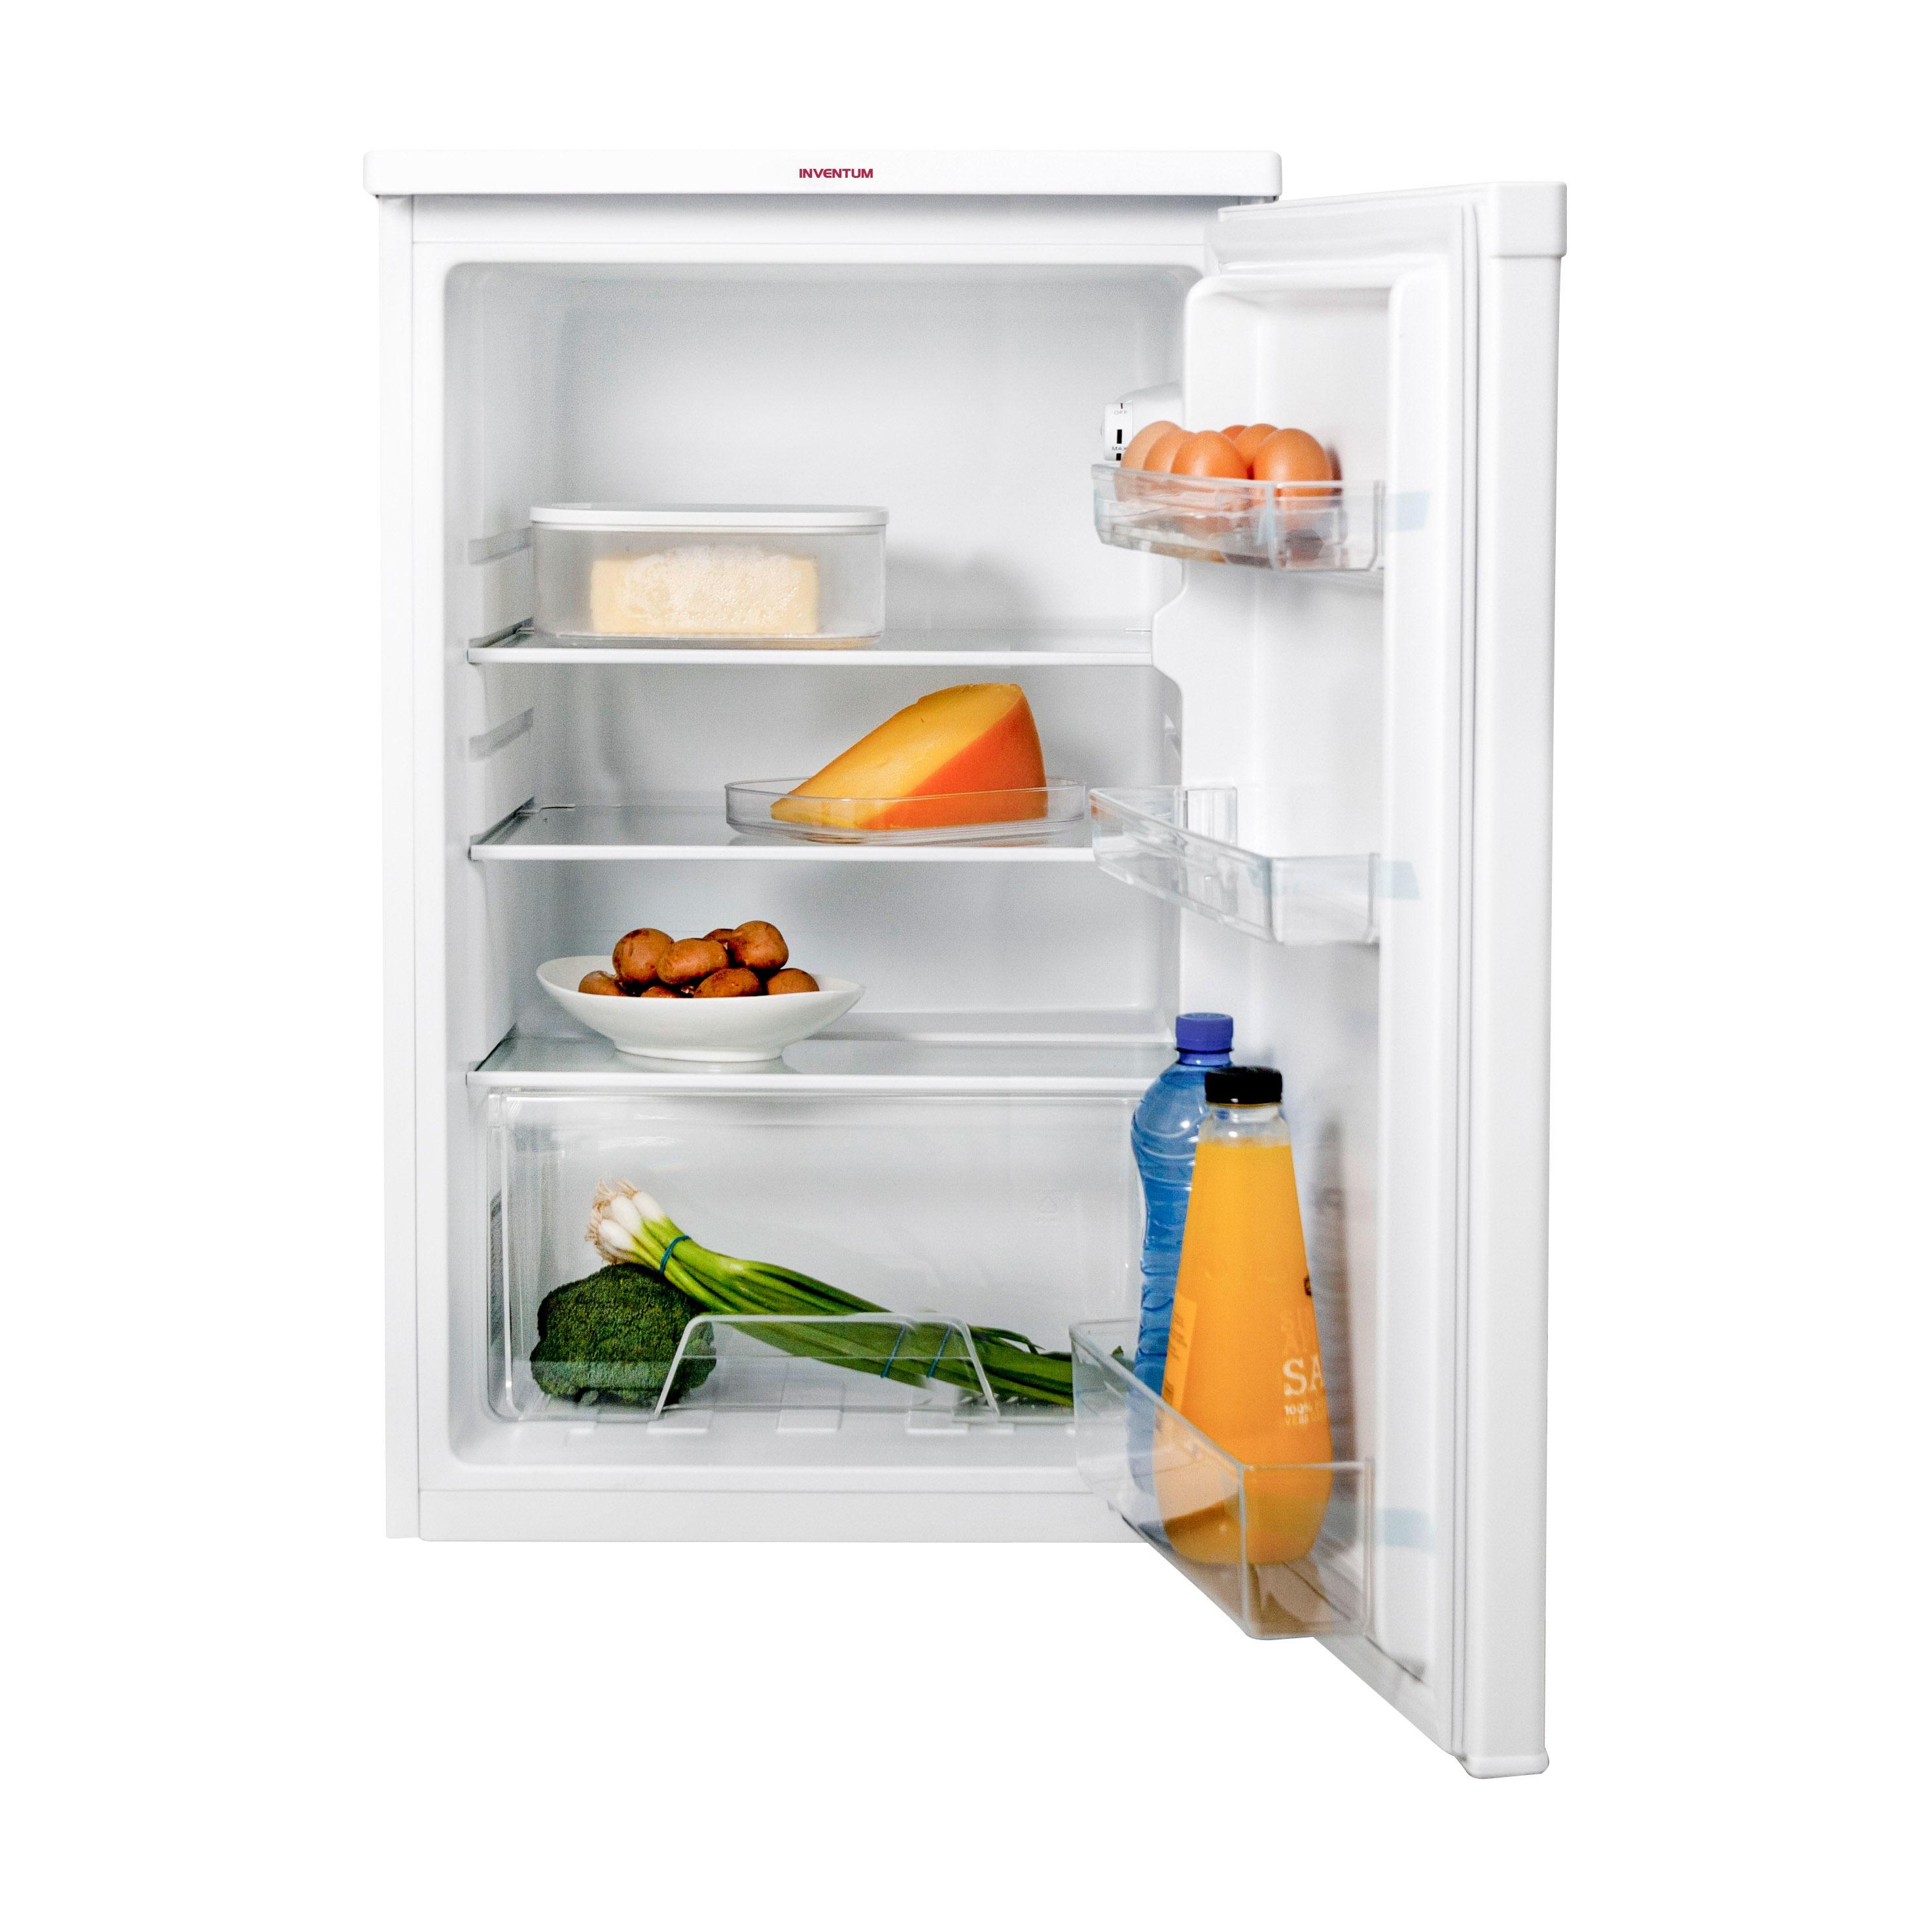 Korting Inventum KK550 koelkast zonder vriesvak